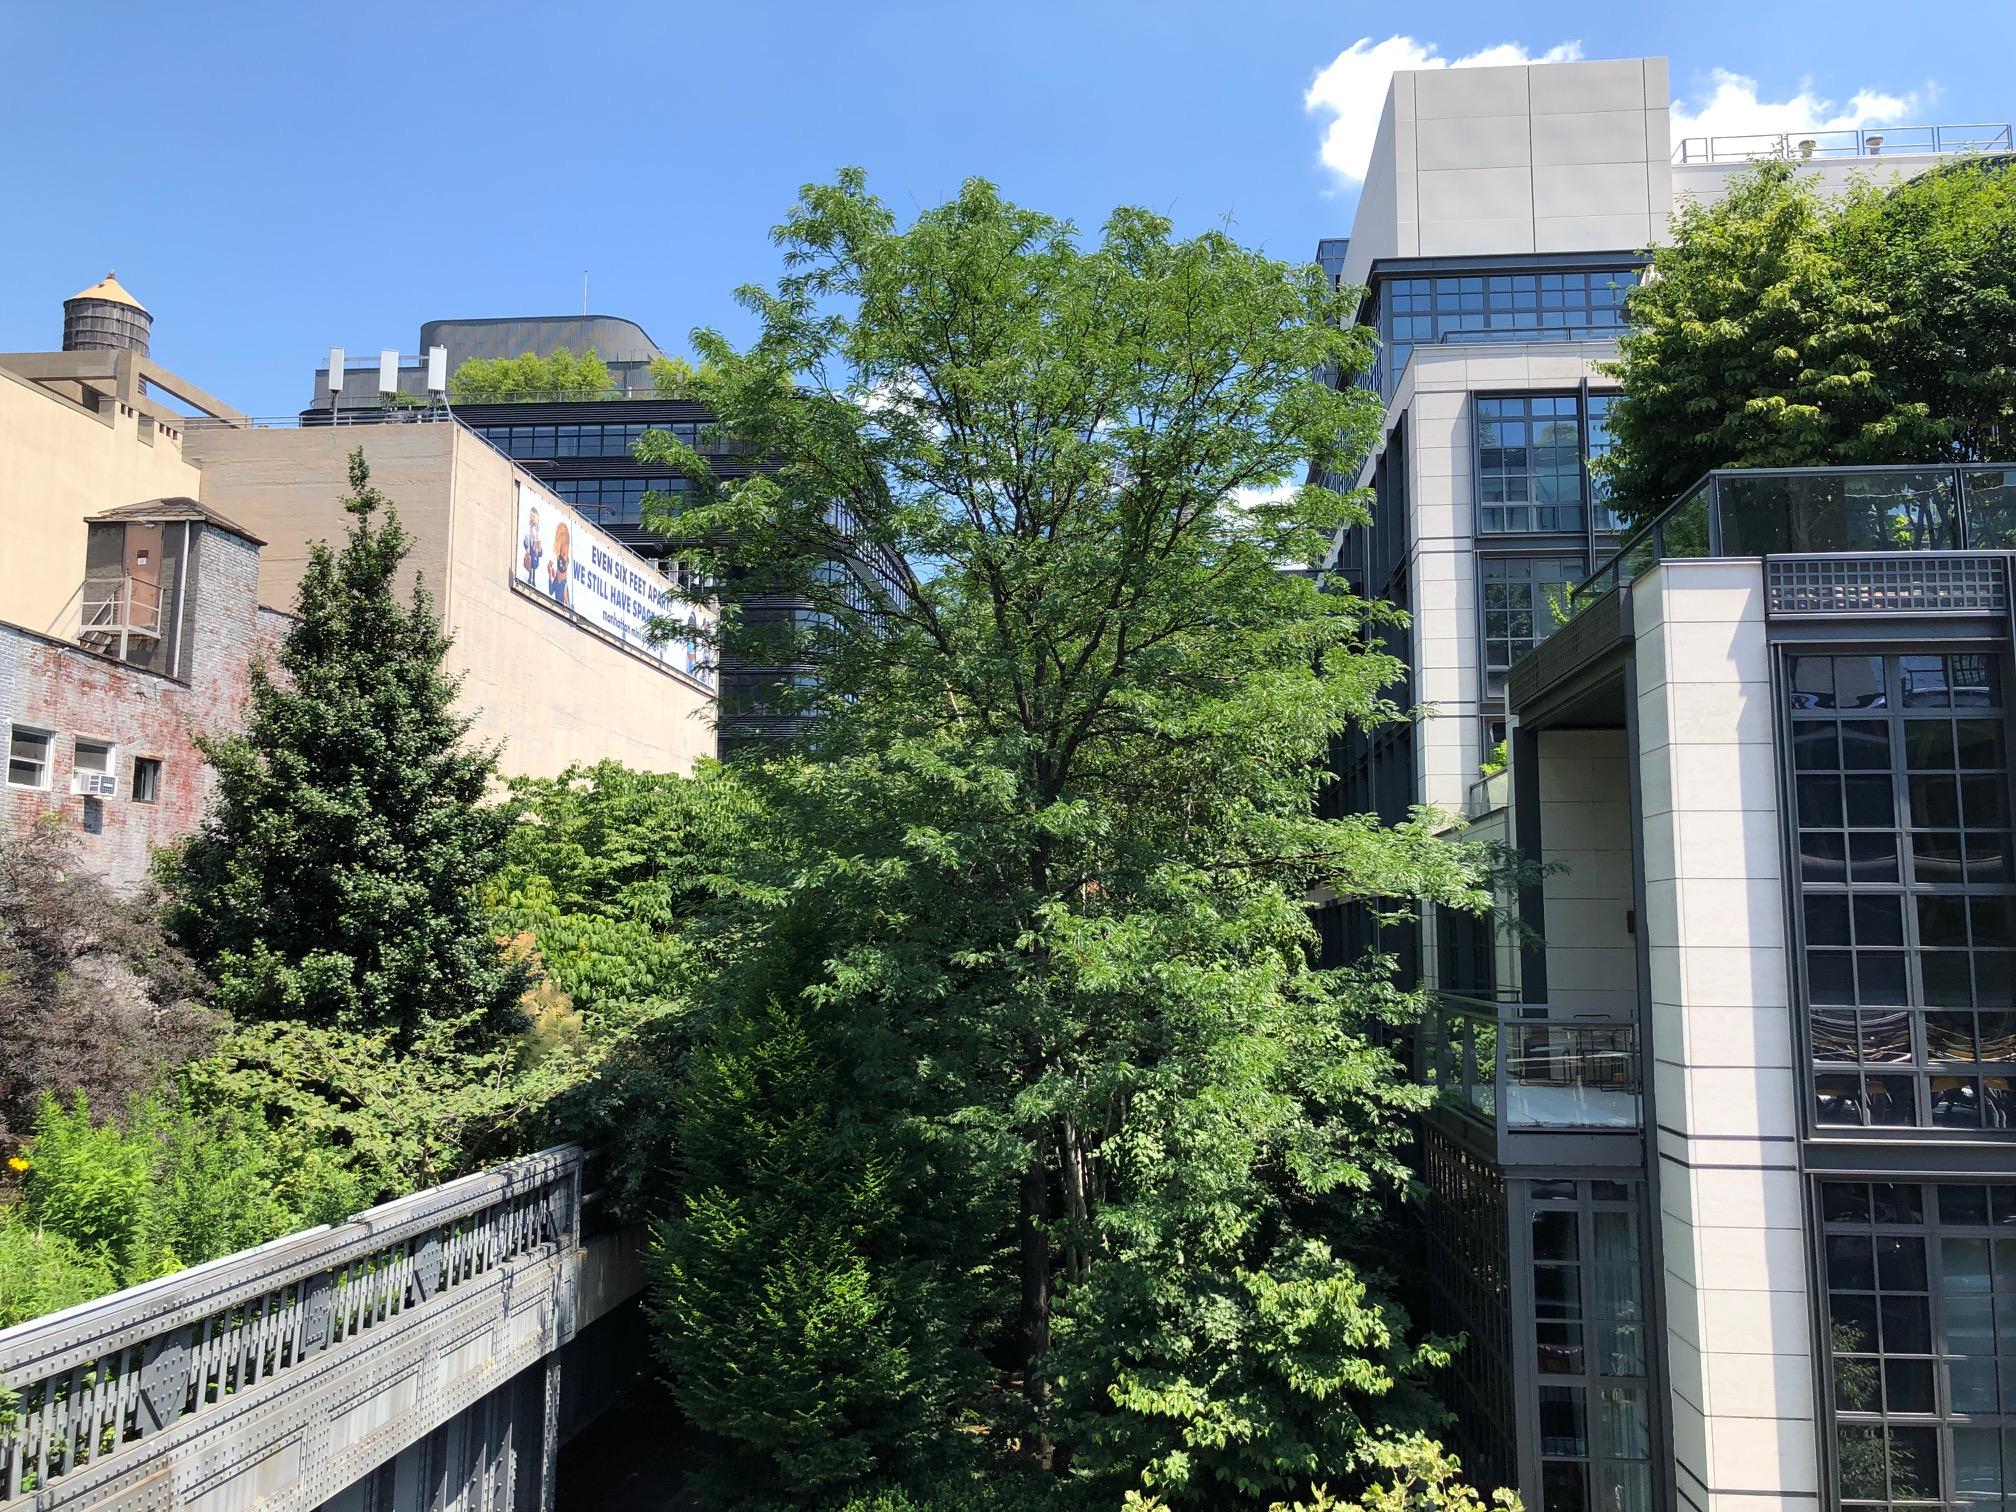 large tree growing between large buildings